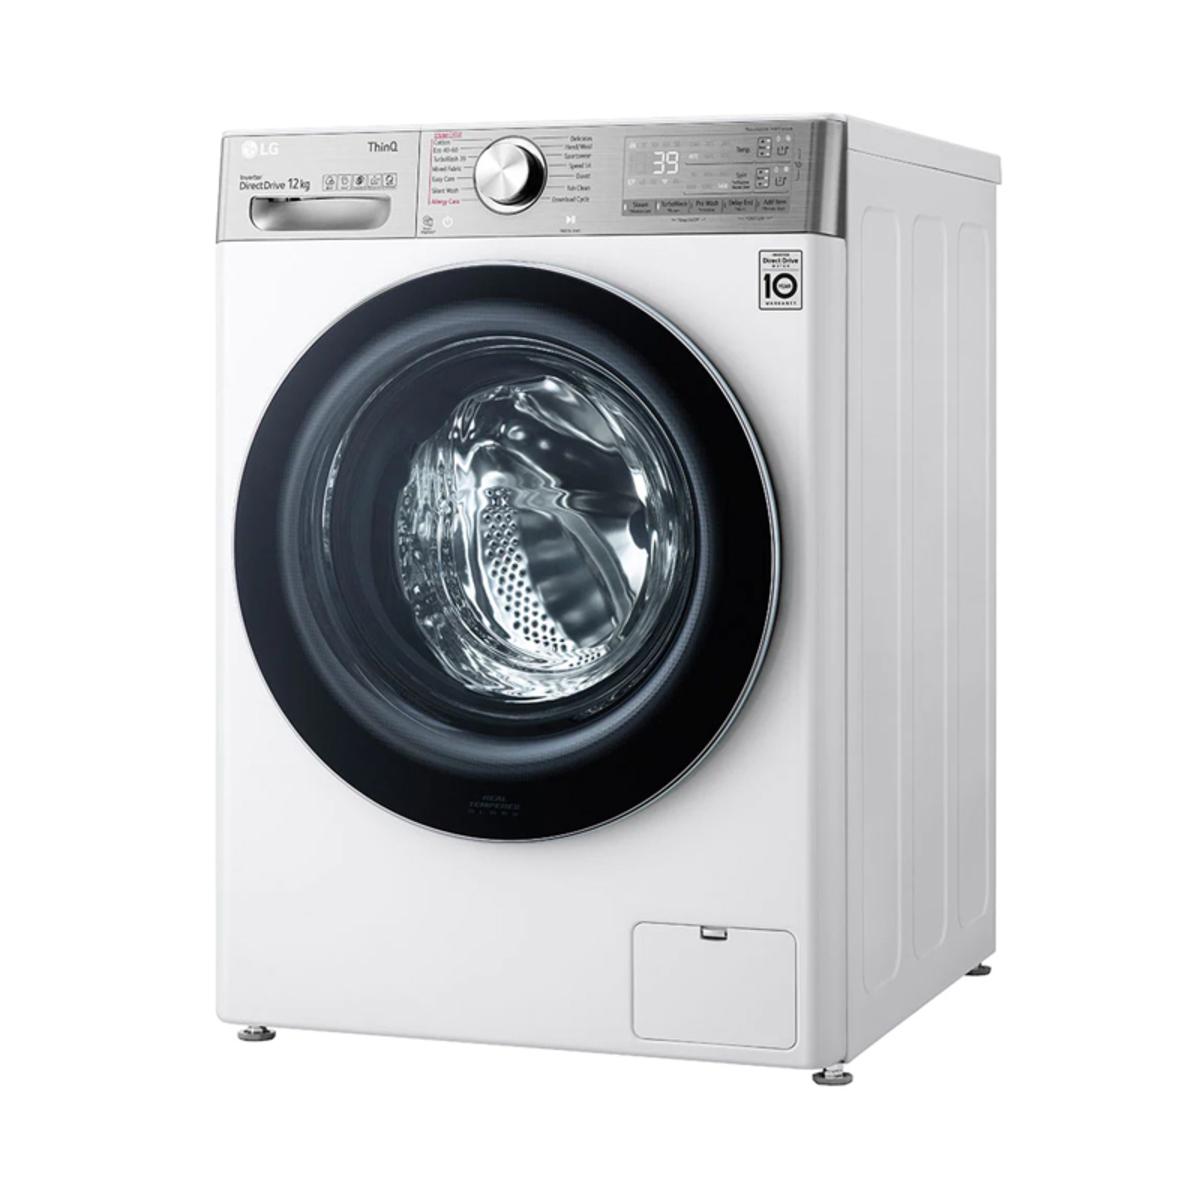 LG F4V1012WTSE 12kg / 1400 RPM Washing Machine - White